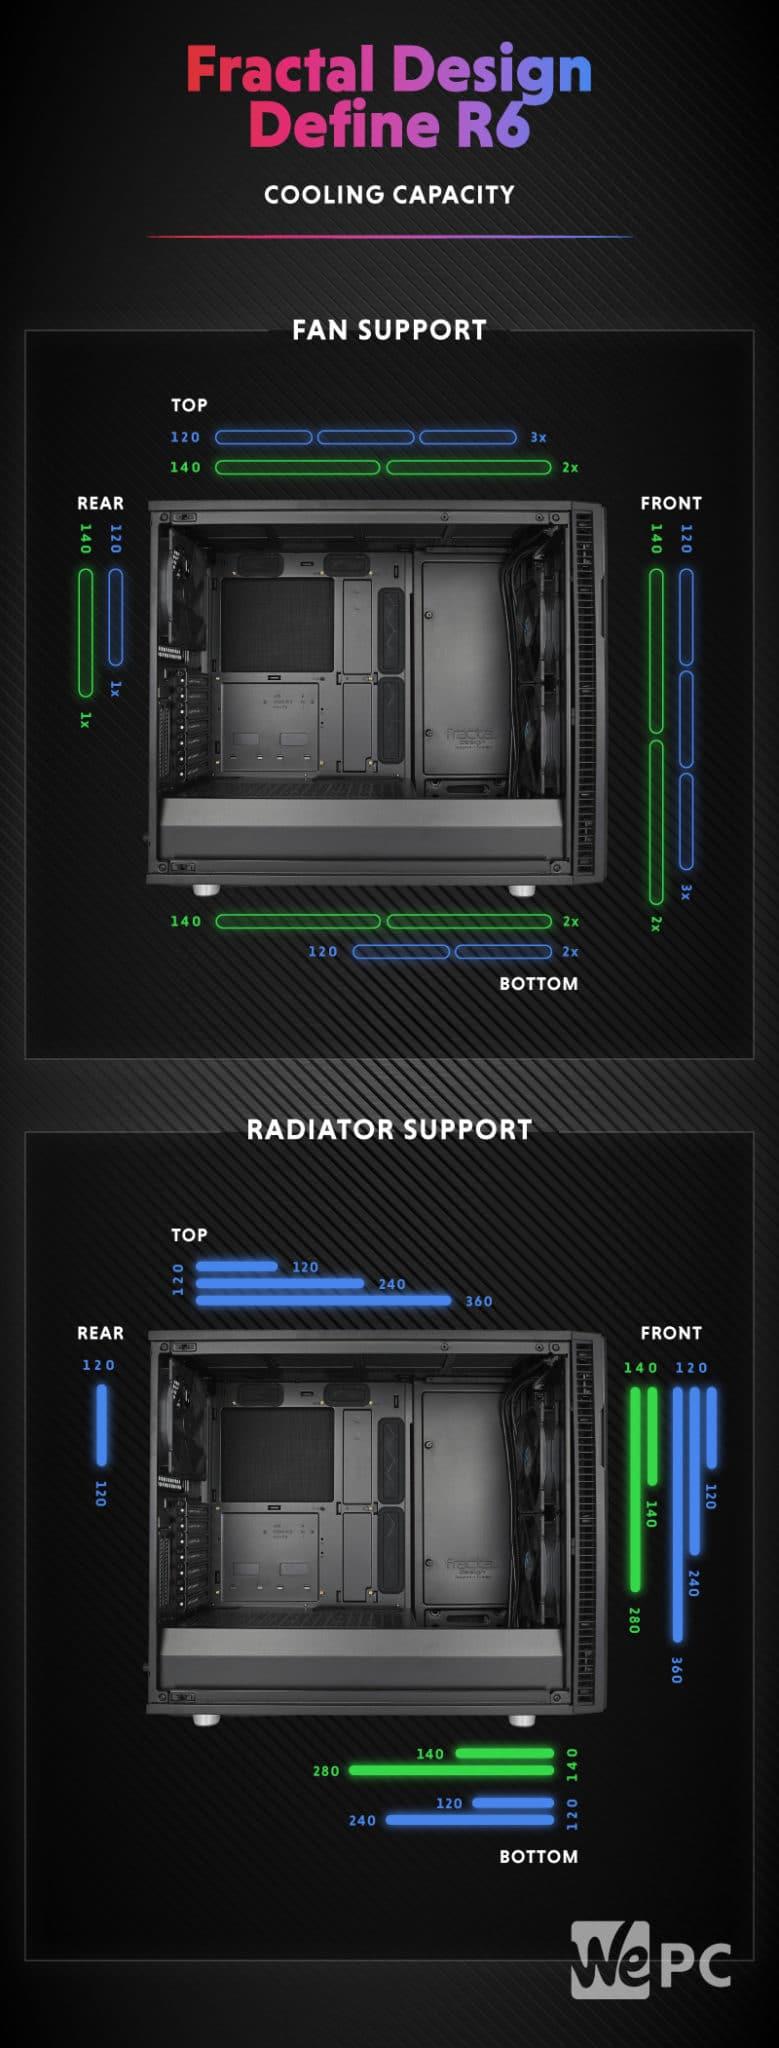 Fractal Design Define R6 Cooling Capacity